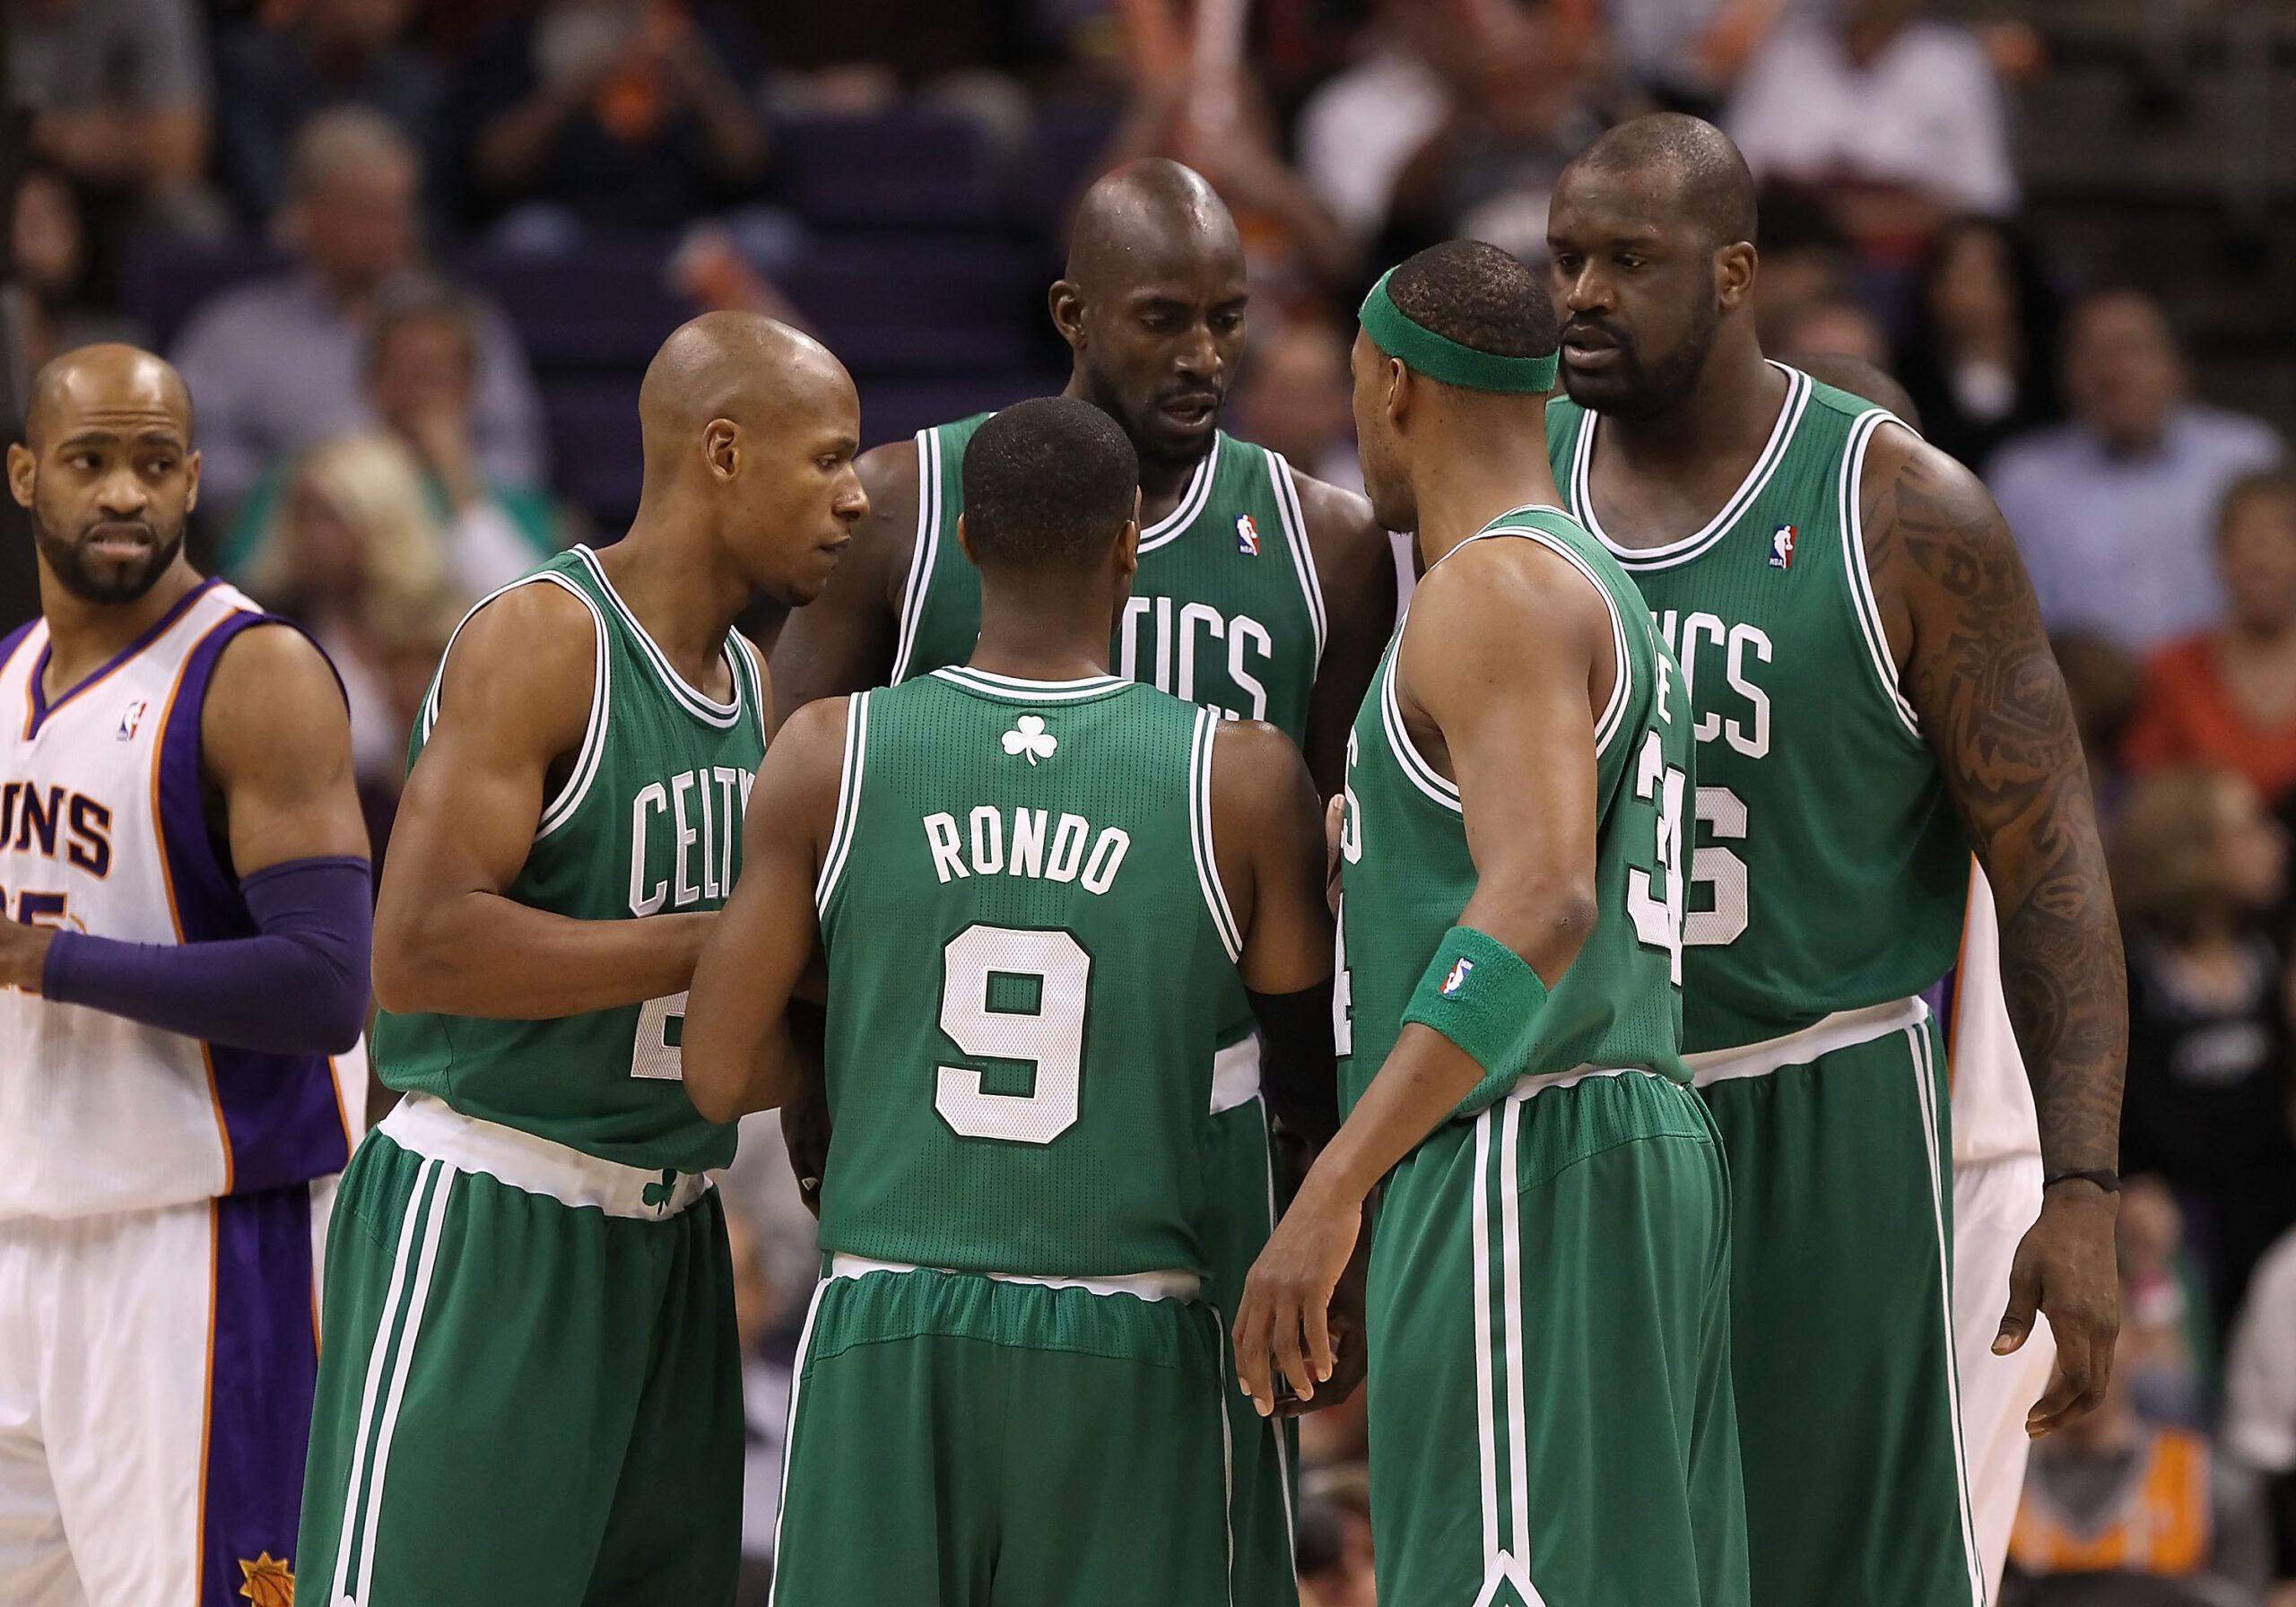 Il quintetto dei Celtics 2010/11 (e il photobombing di Vince Carter)